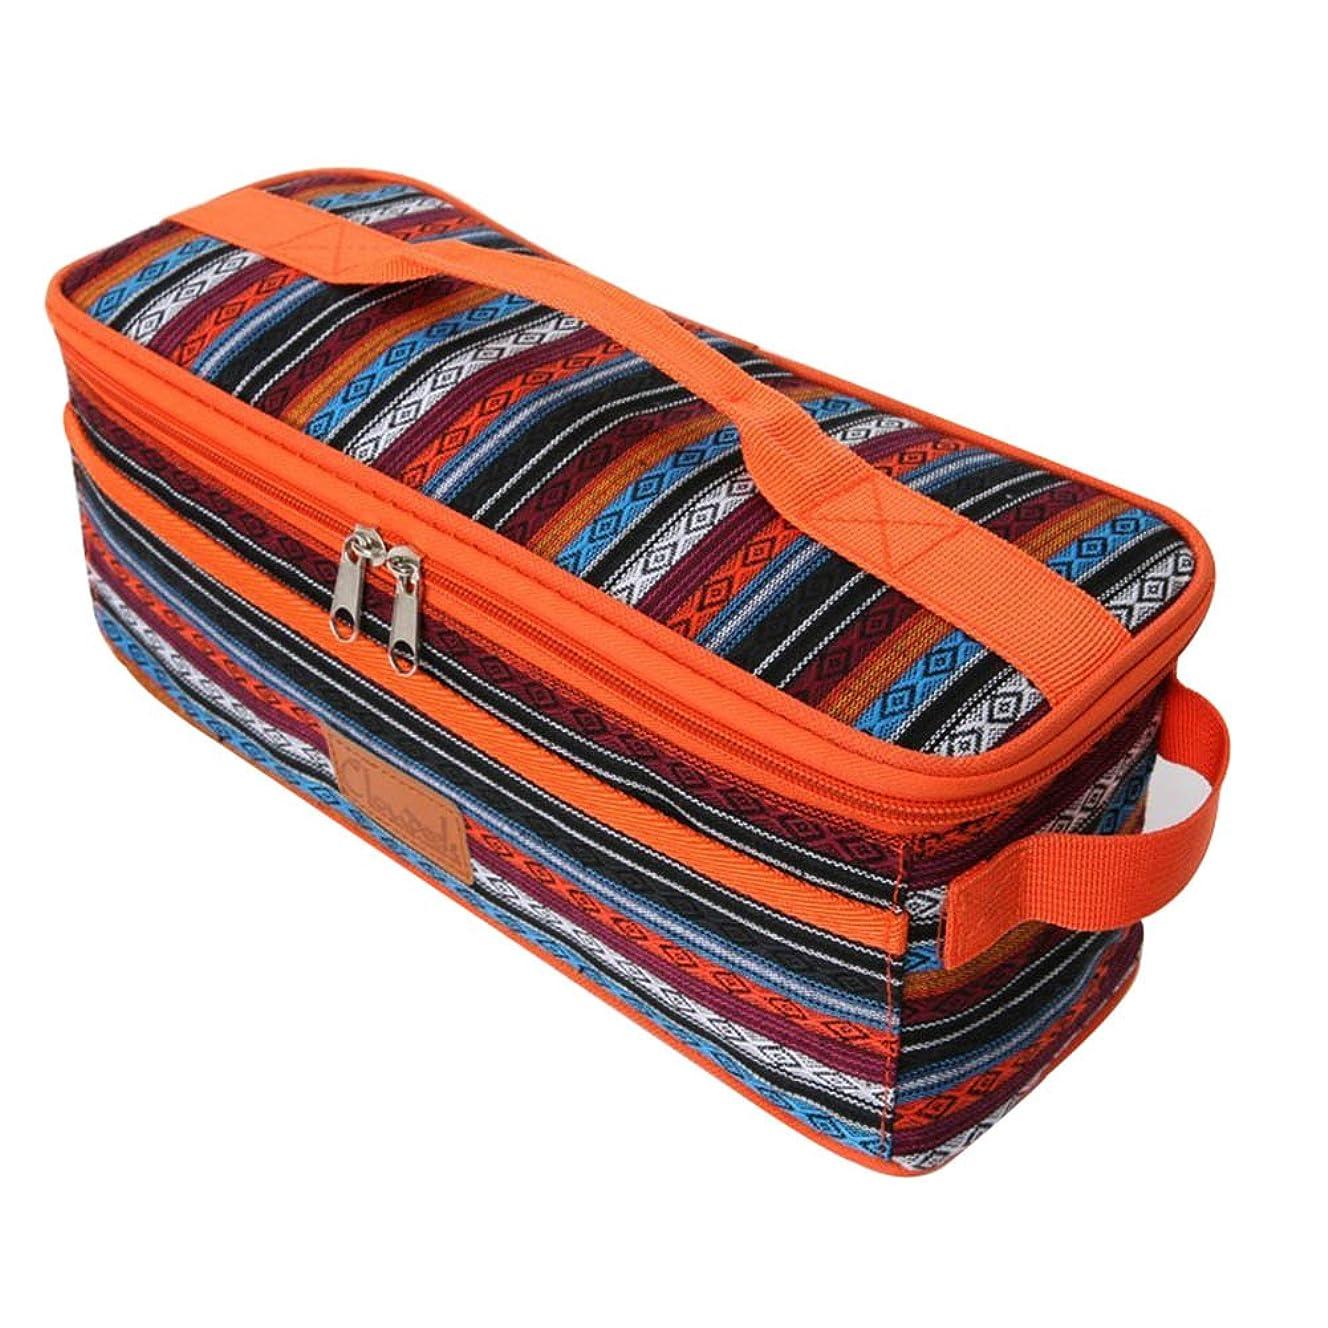 小石航空機もつれBraheart 正規品 ピクニック用 食器収納バッグ 調理器具入れ BBQ用食器収納 流行る民族風 手提げバッグのデザイン 携帯便利